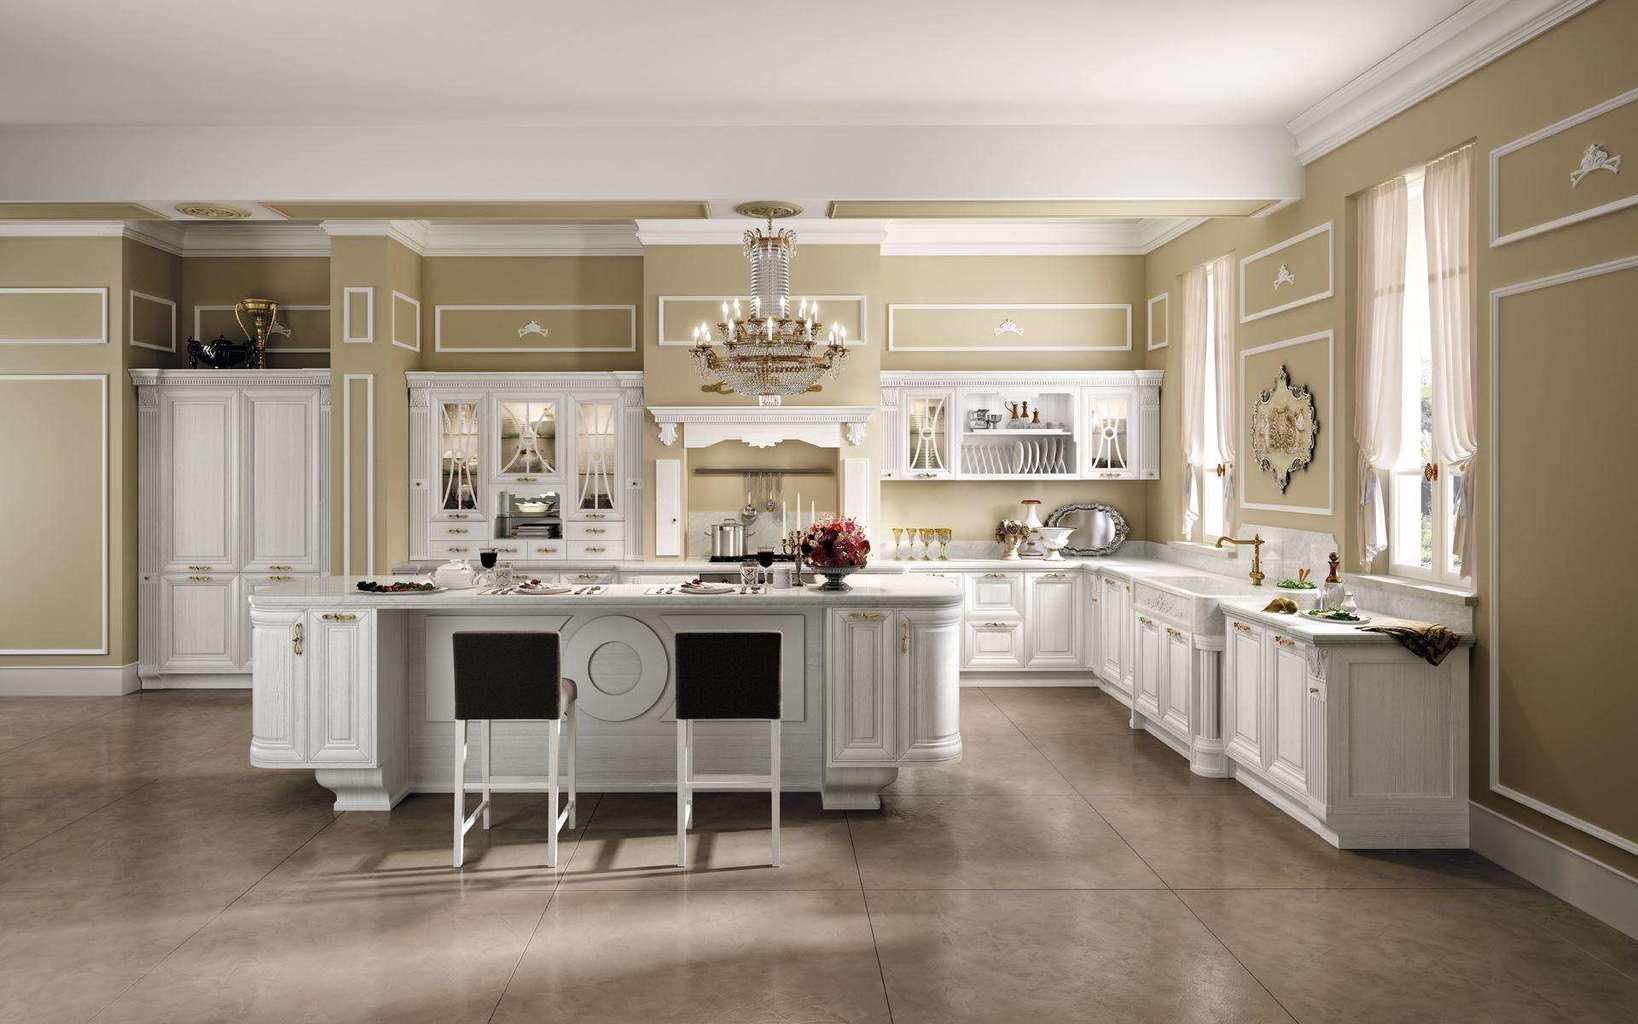 Perfect arredamento stile classico questioni di for Arredamento stile classico moderno